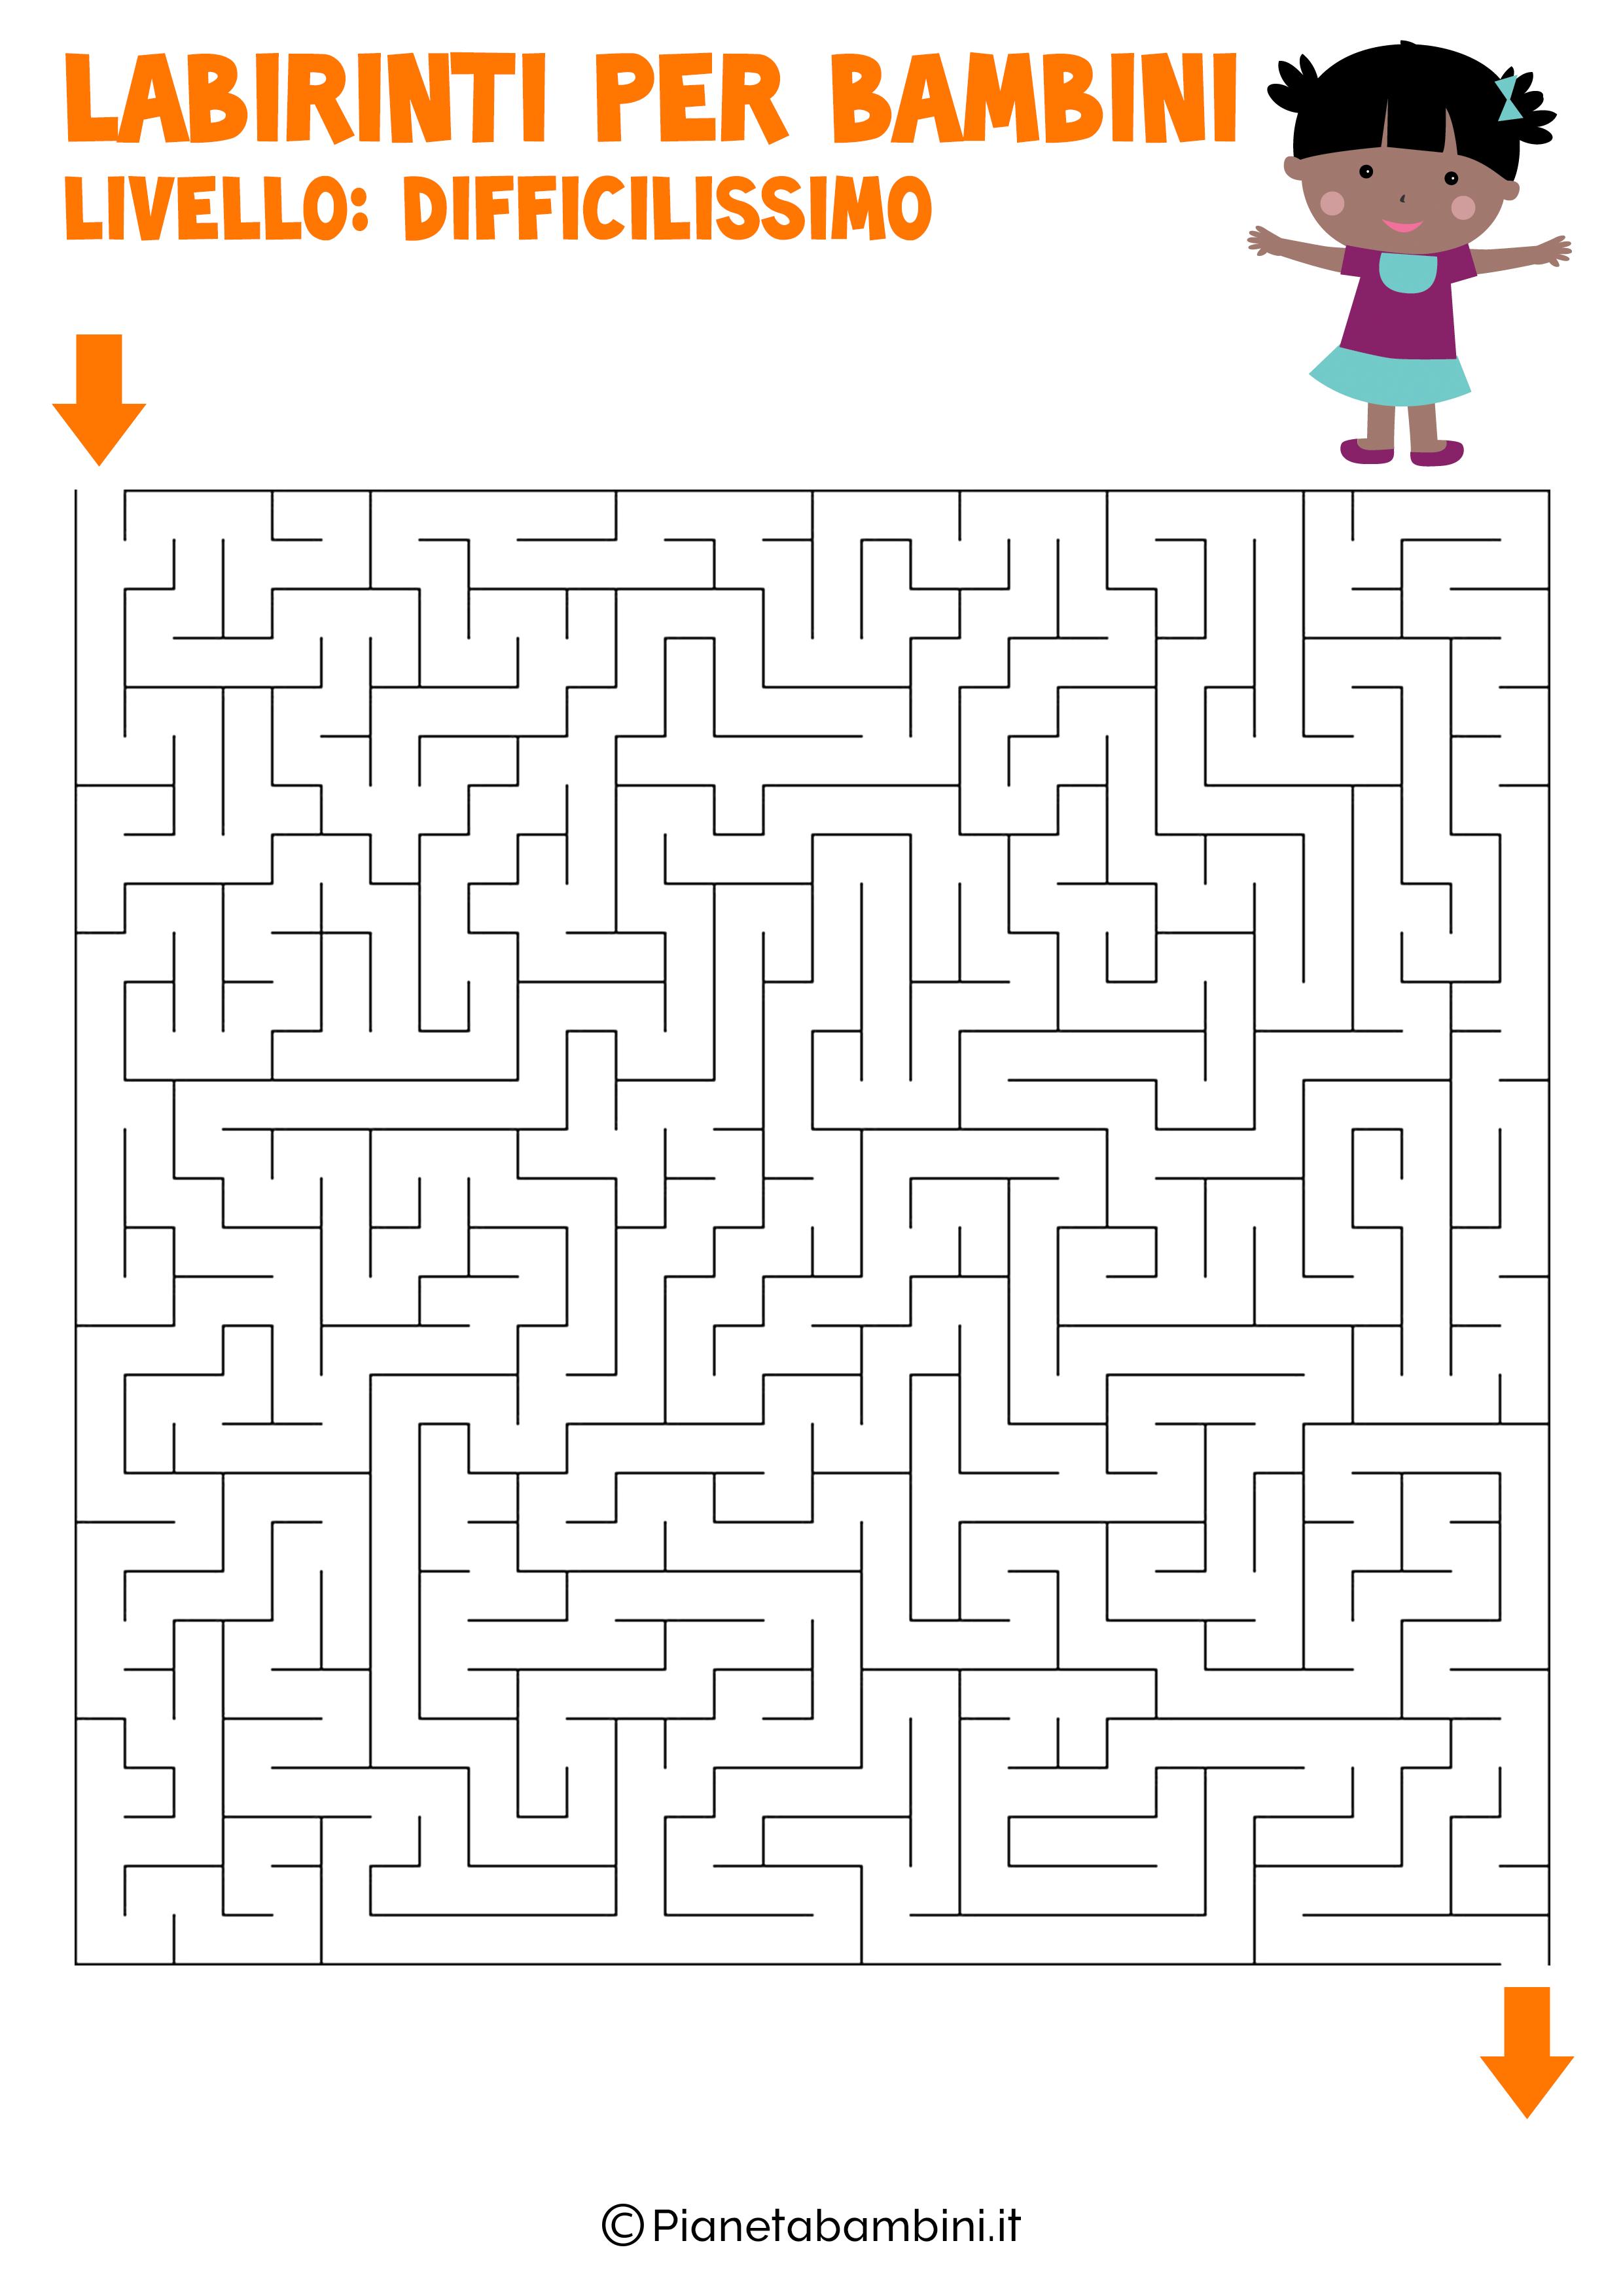 Labirinti-Difficilissimi-Bambini-15